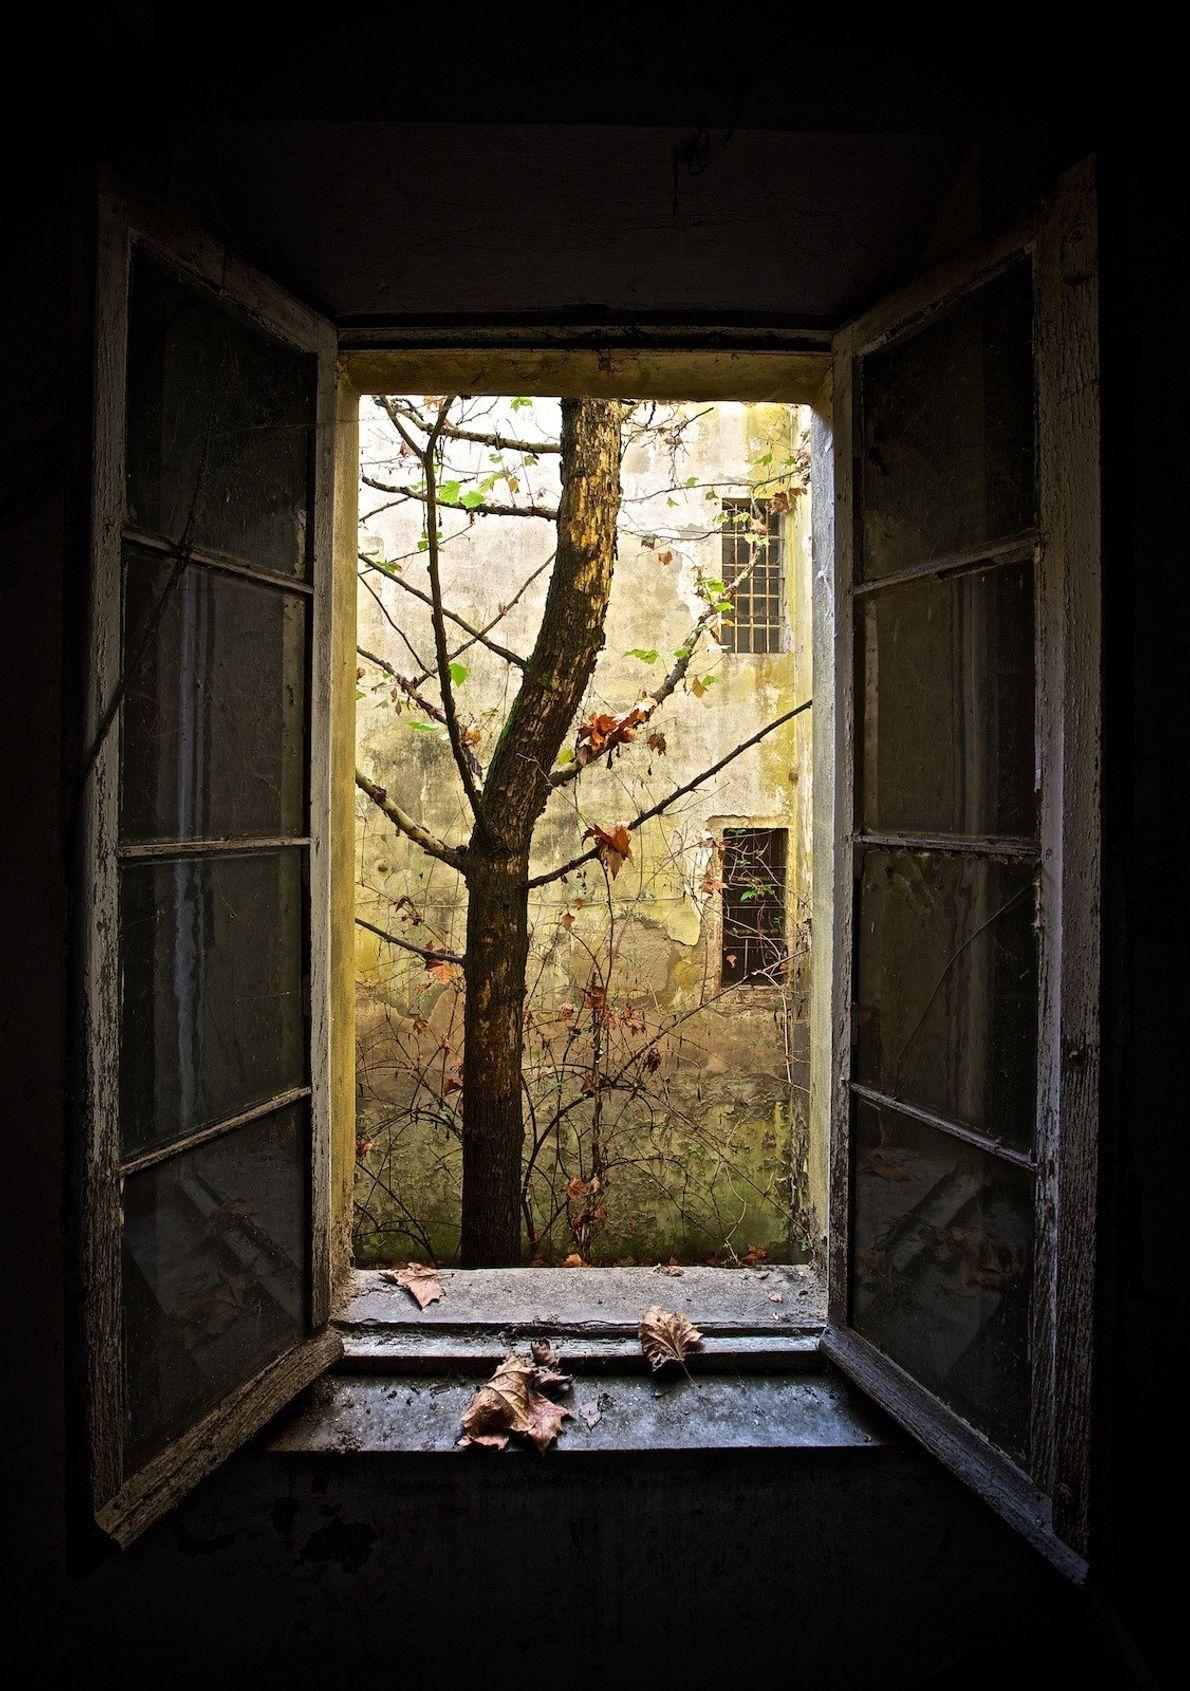 Enquadramento revela um tronco de árvore através de uma janela